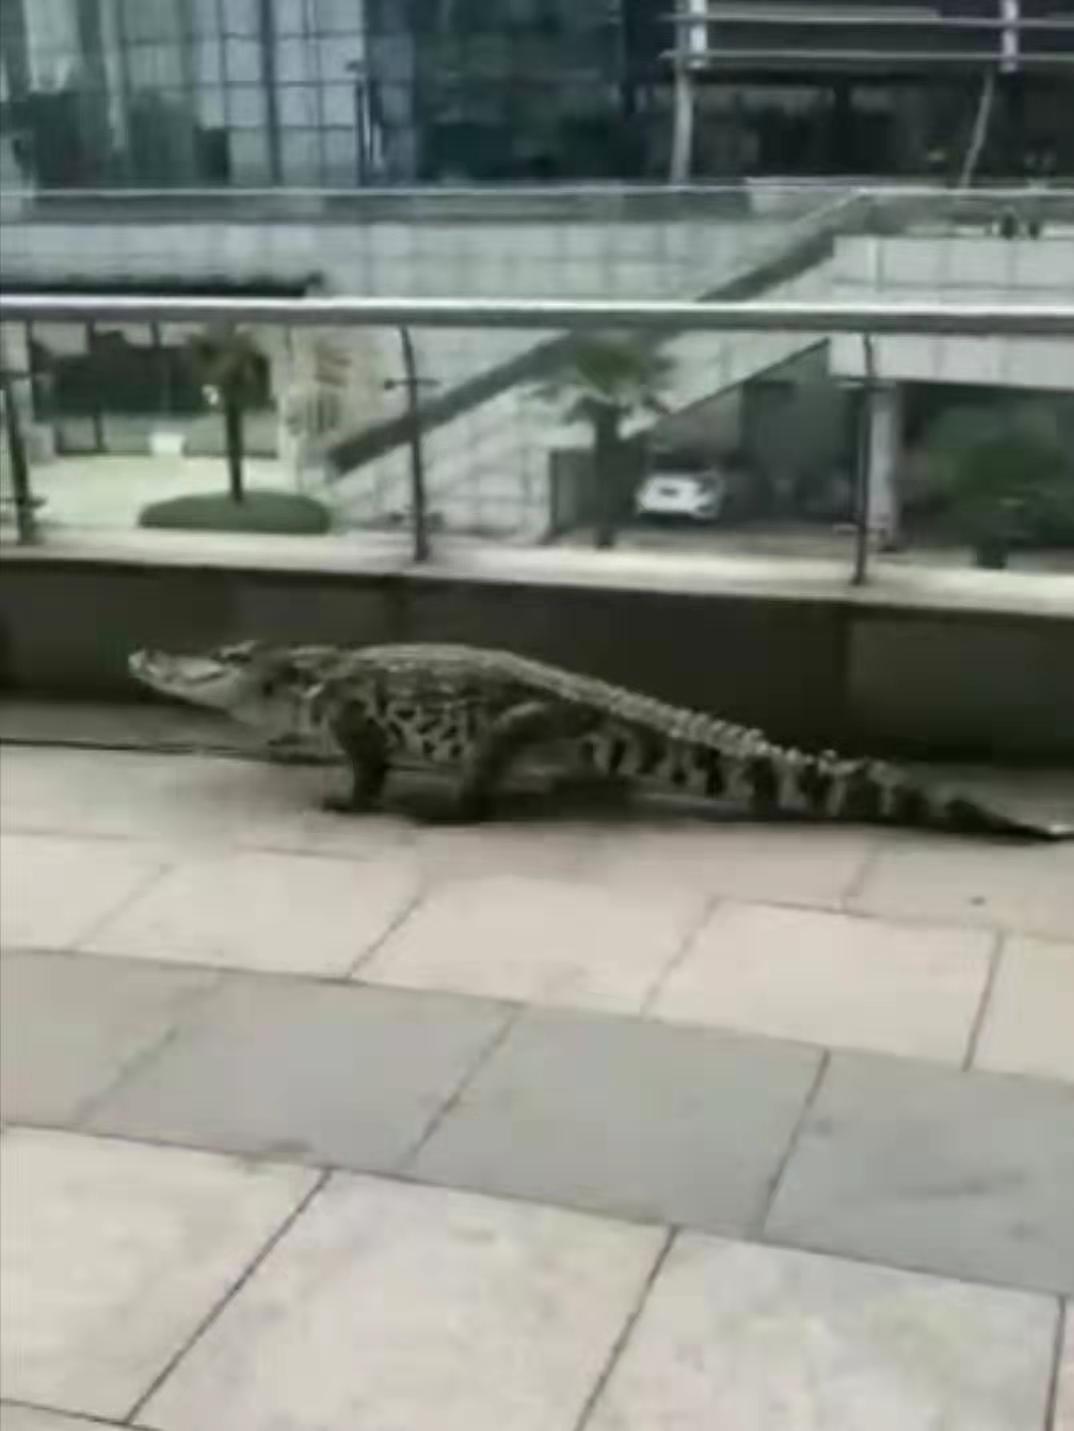 摩杰登录:安徽芜湖因长江涨水有鳄鱼上岸?实为娱乐场所表演鳄鱼